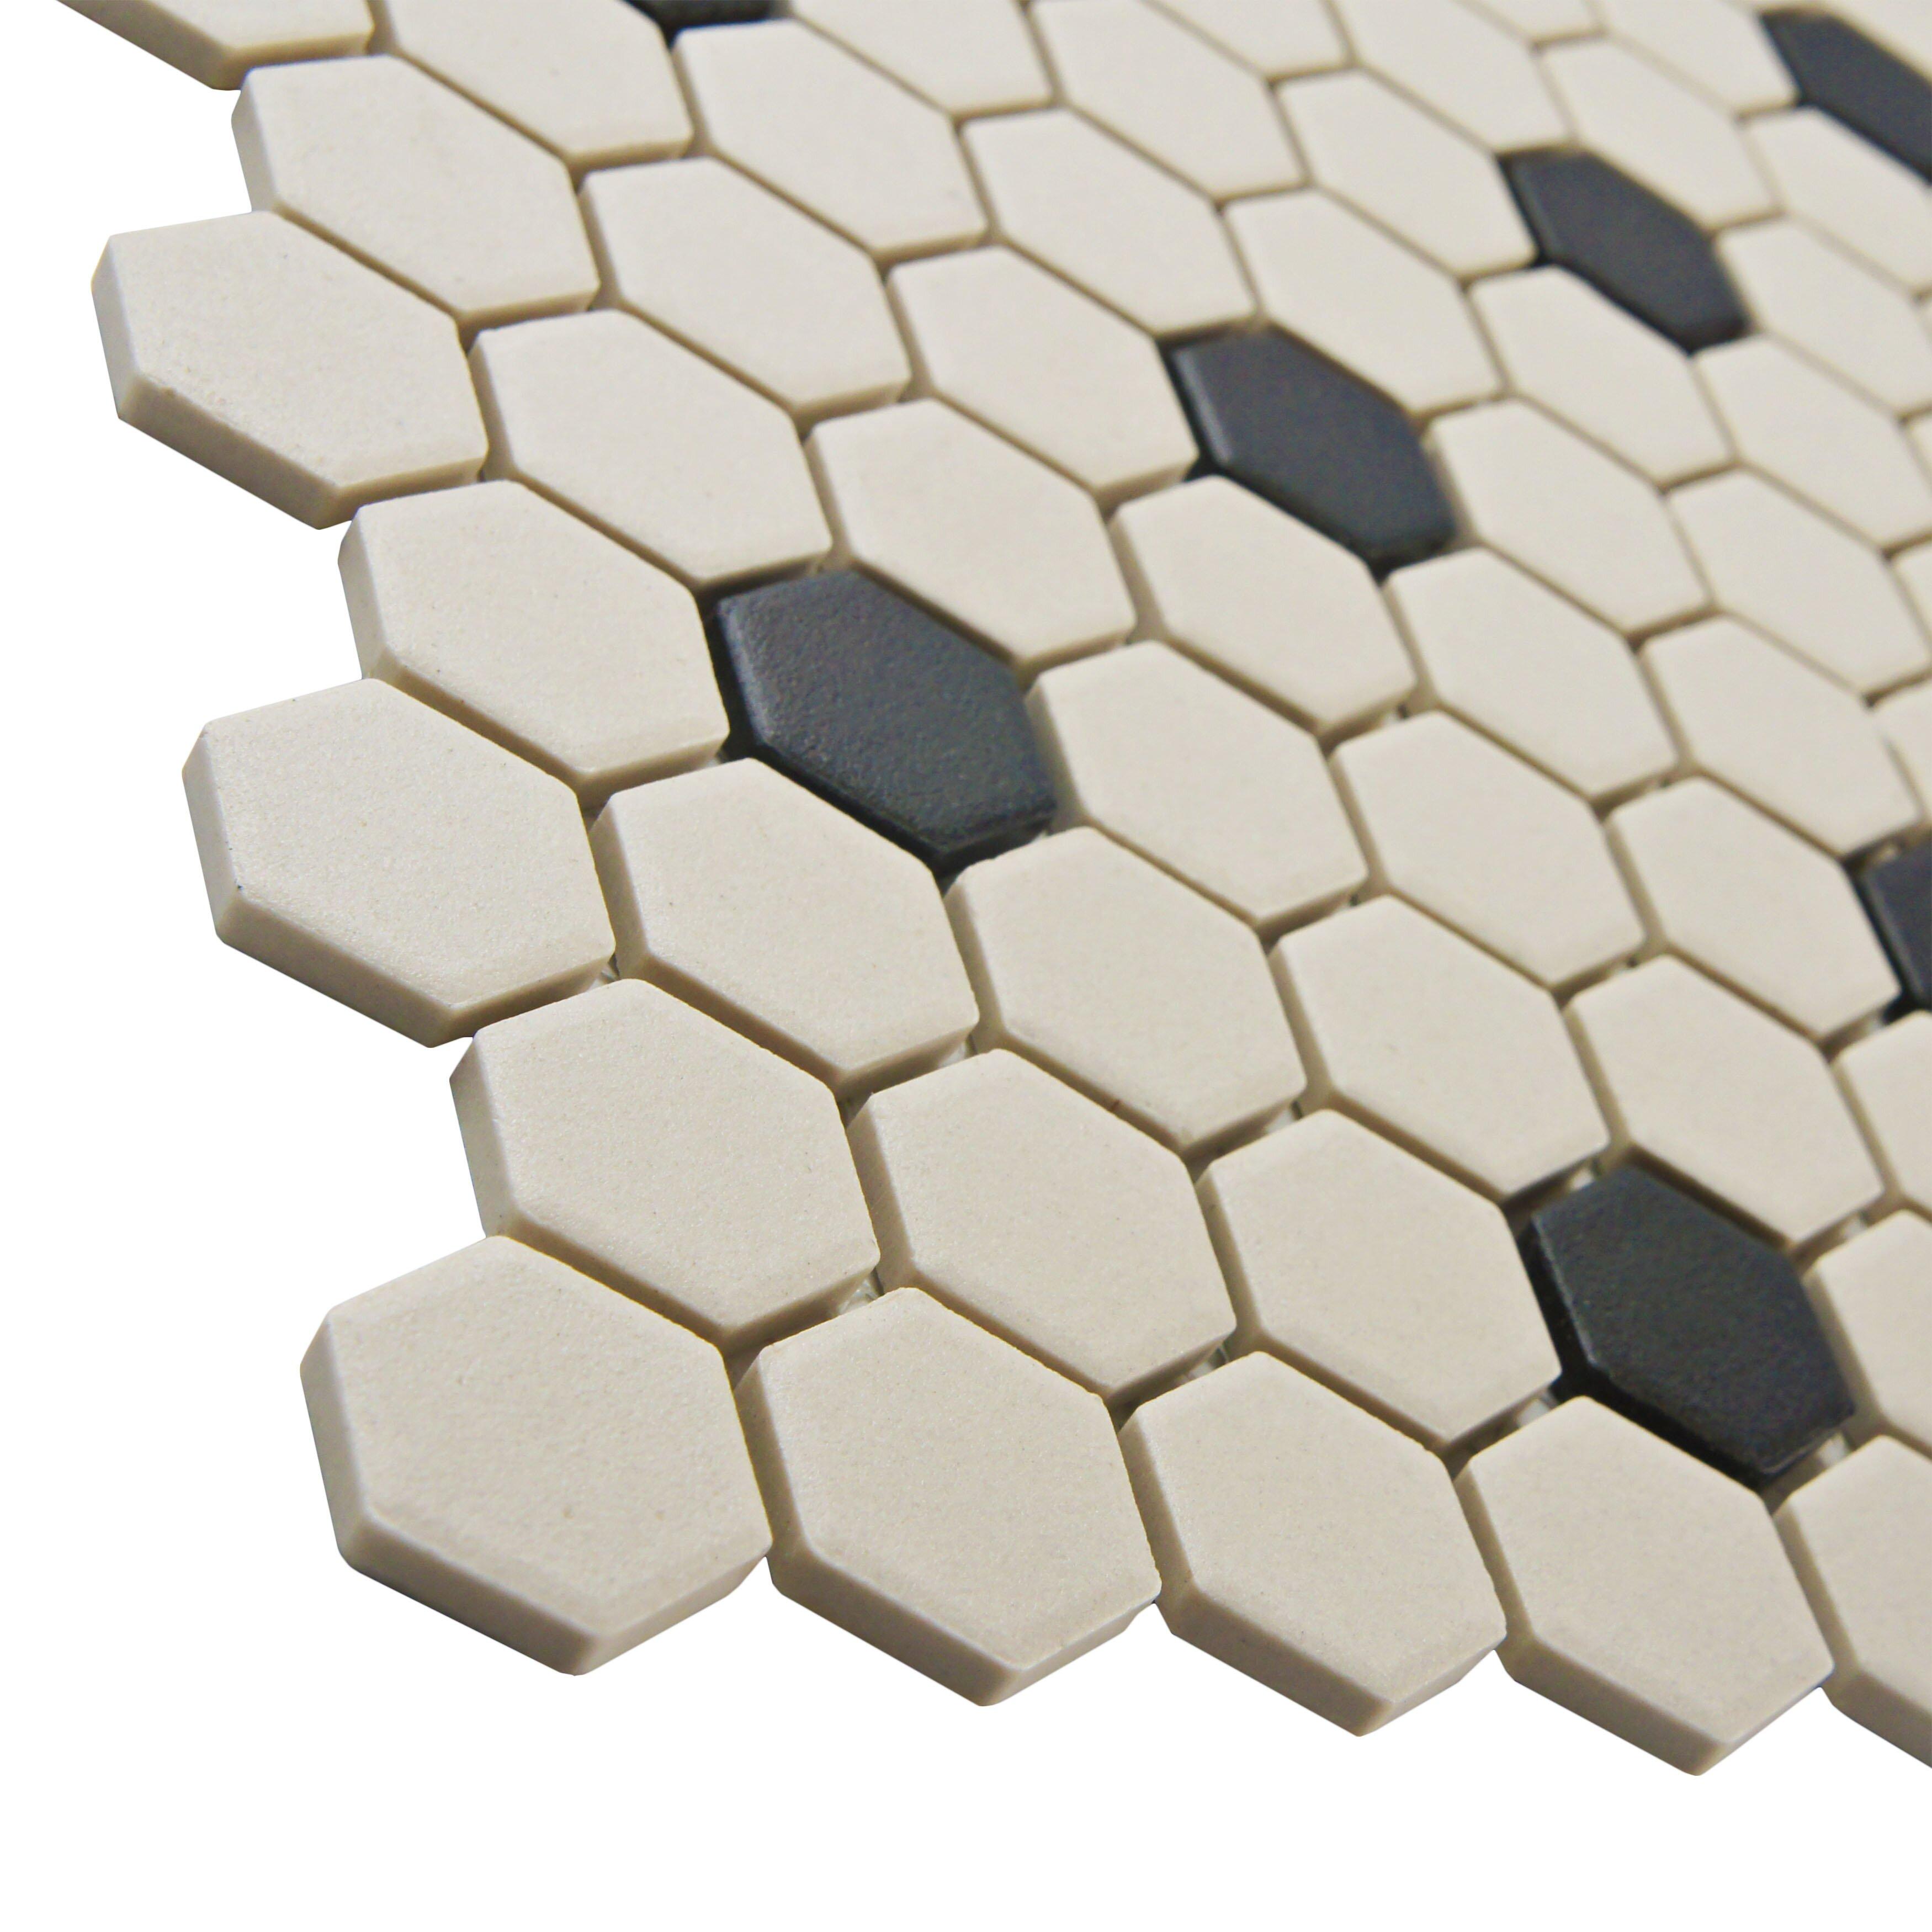 Elitetile New York Hexagon 0 875 Quot X 0 875 Quot Porcelain